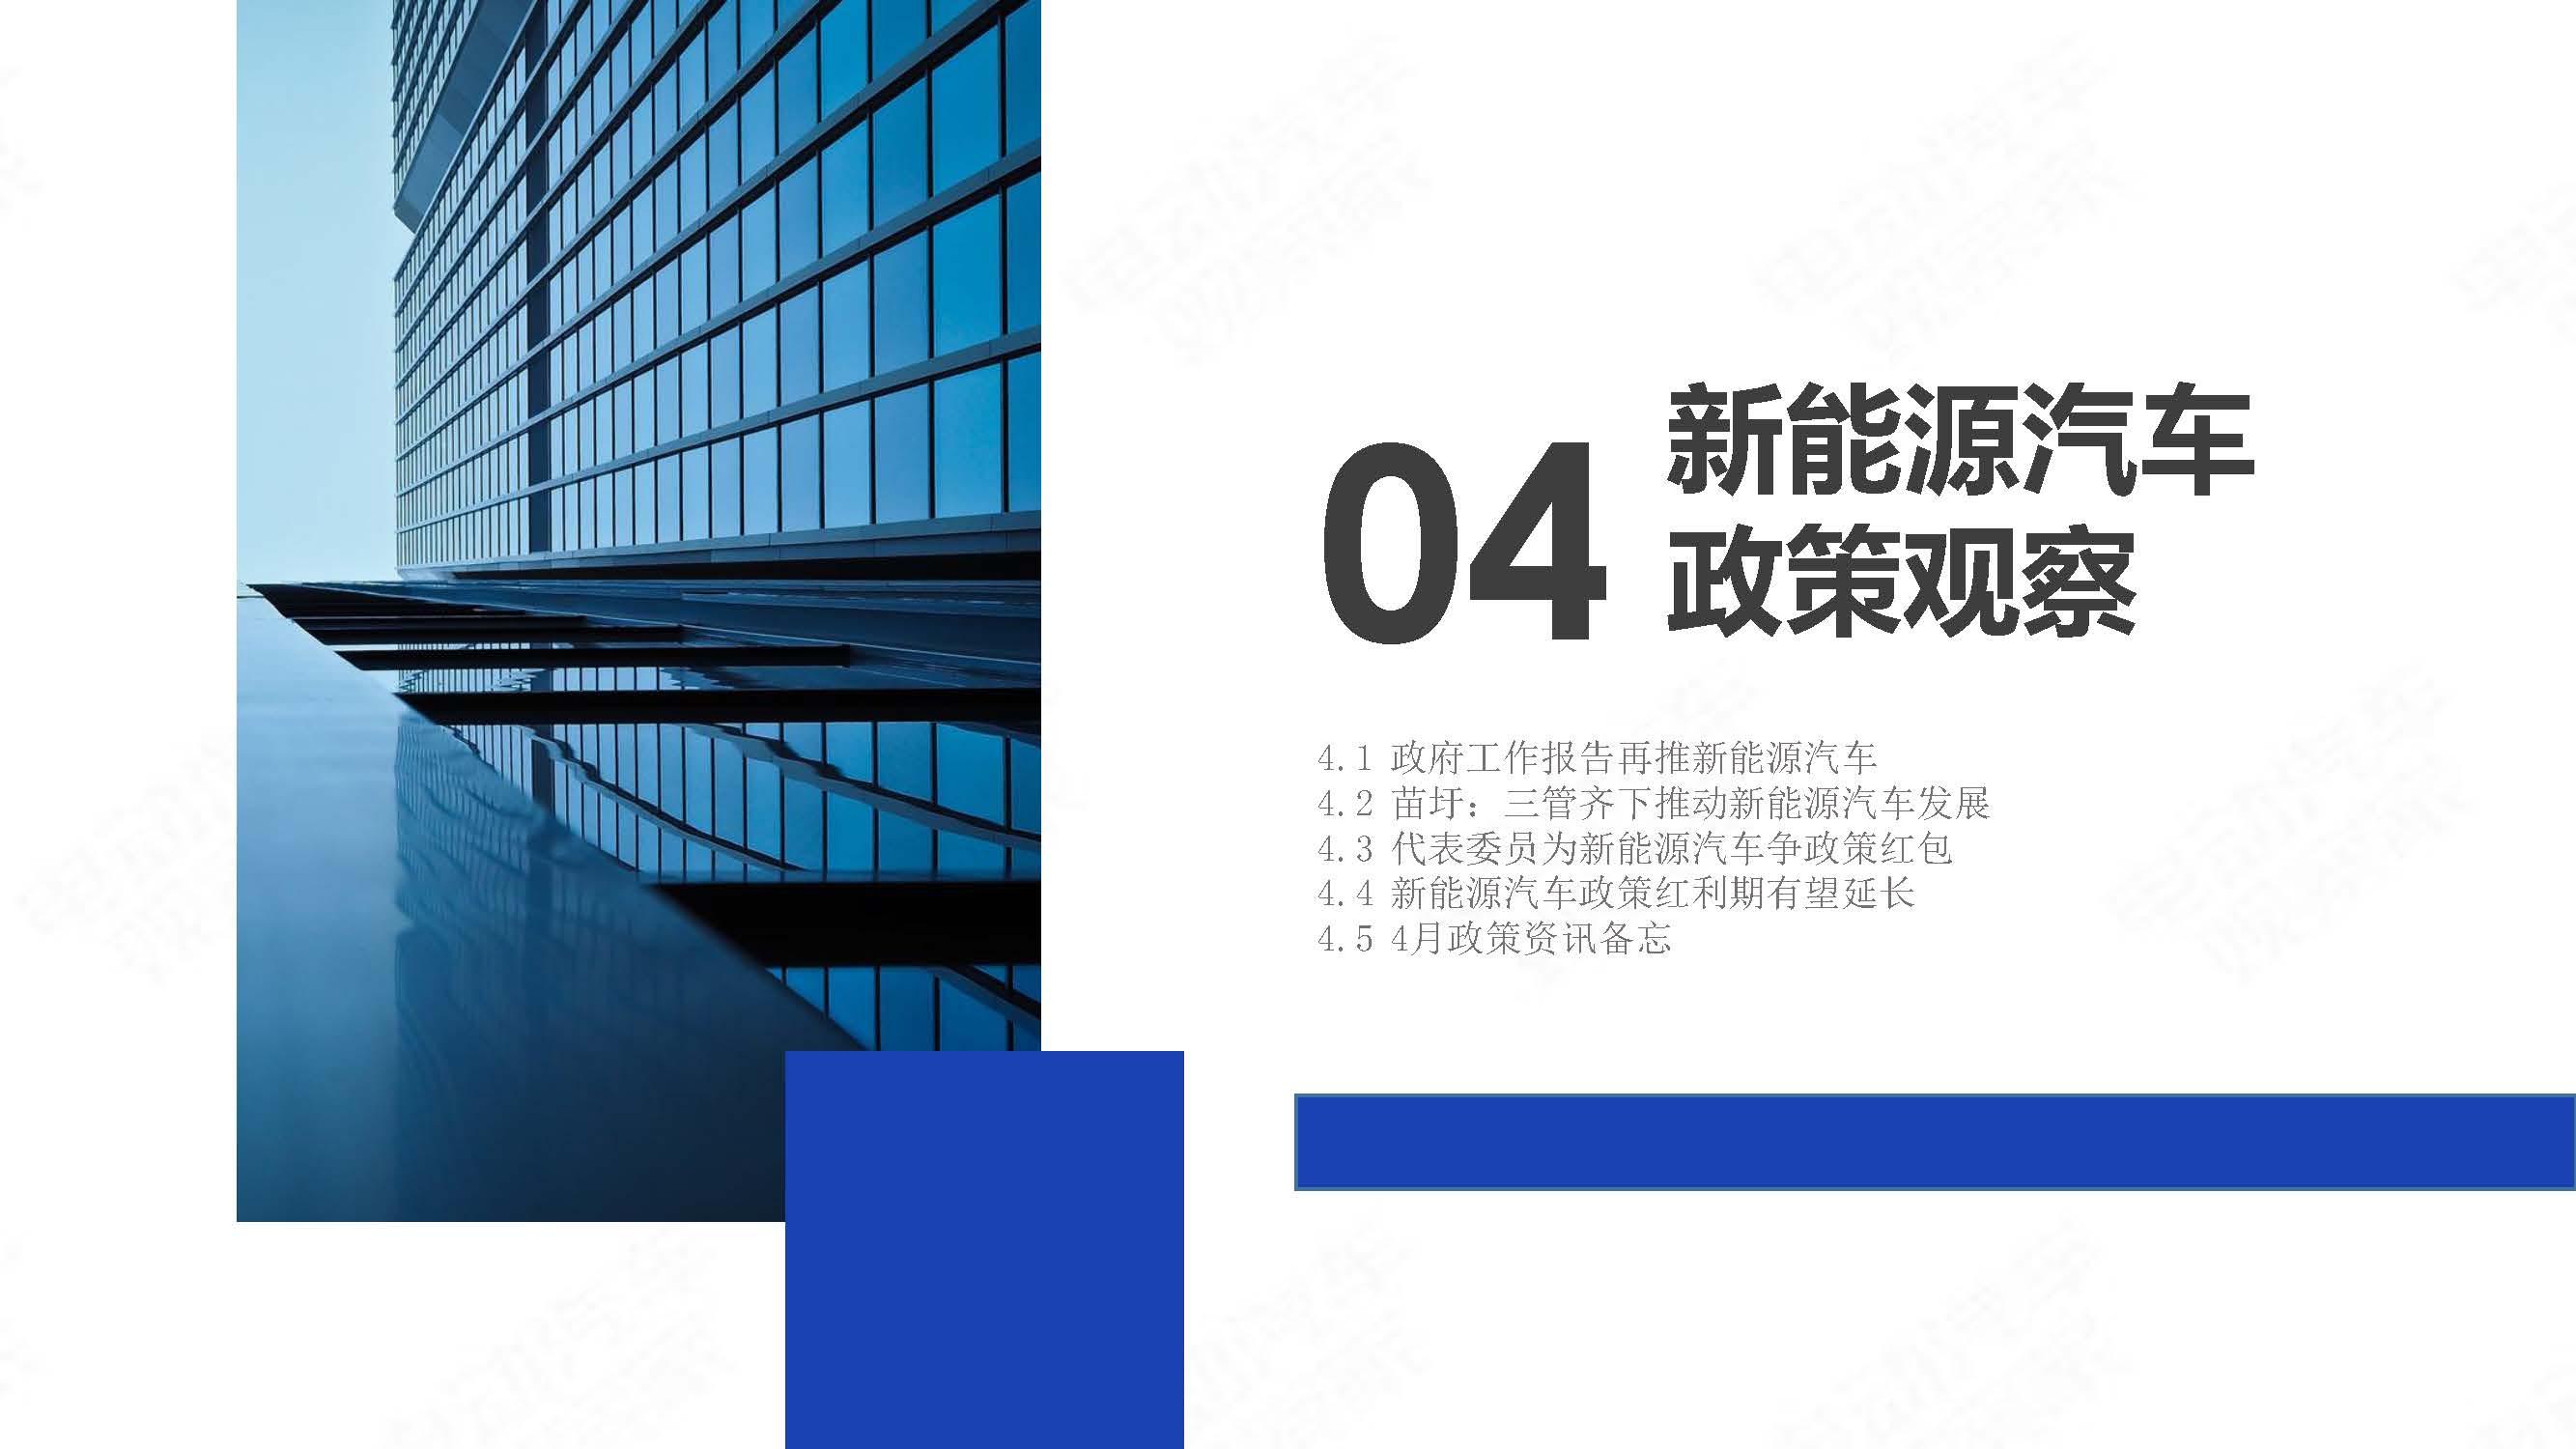 中国新能源汽车产业观察2020年4月简版_页面_33